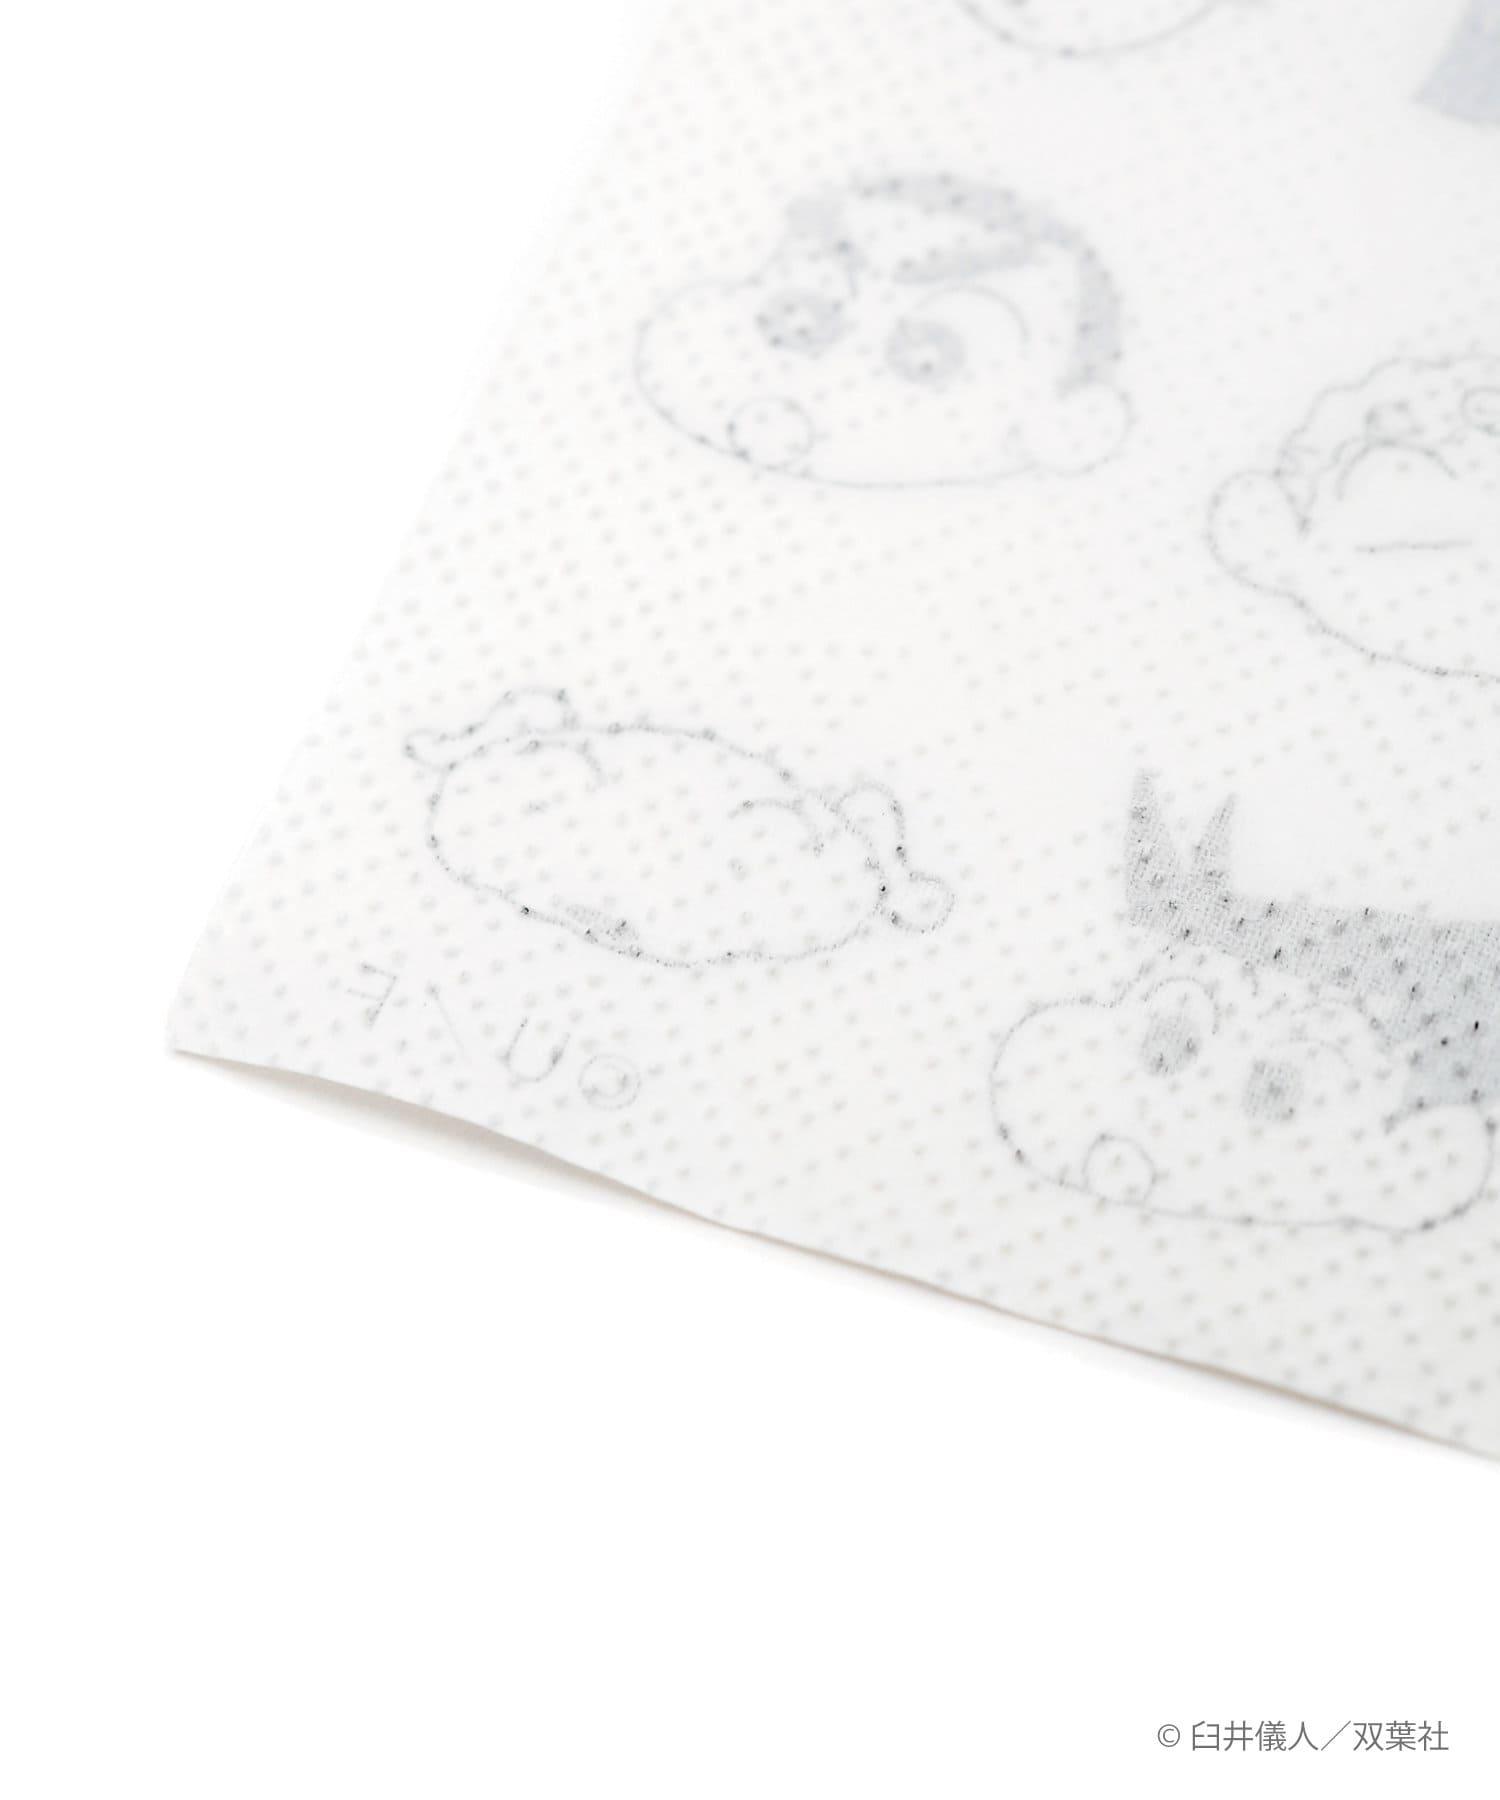 3COINS(スリーコインズ) 【ASOKO】【クレヨンしんちゃん】ペーパーナプキン